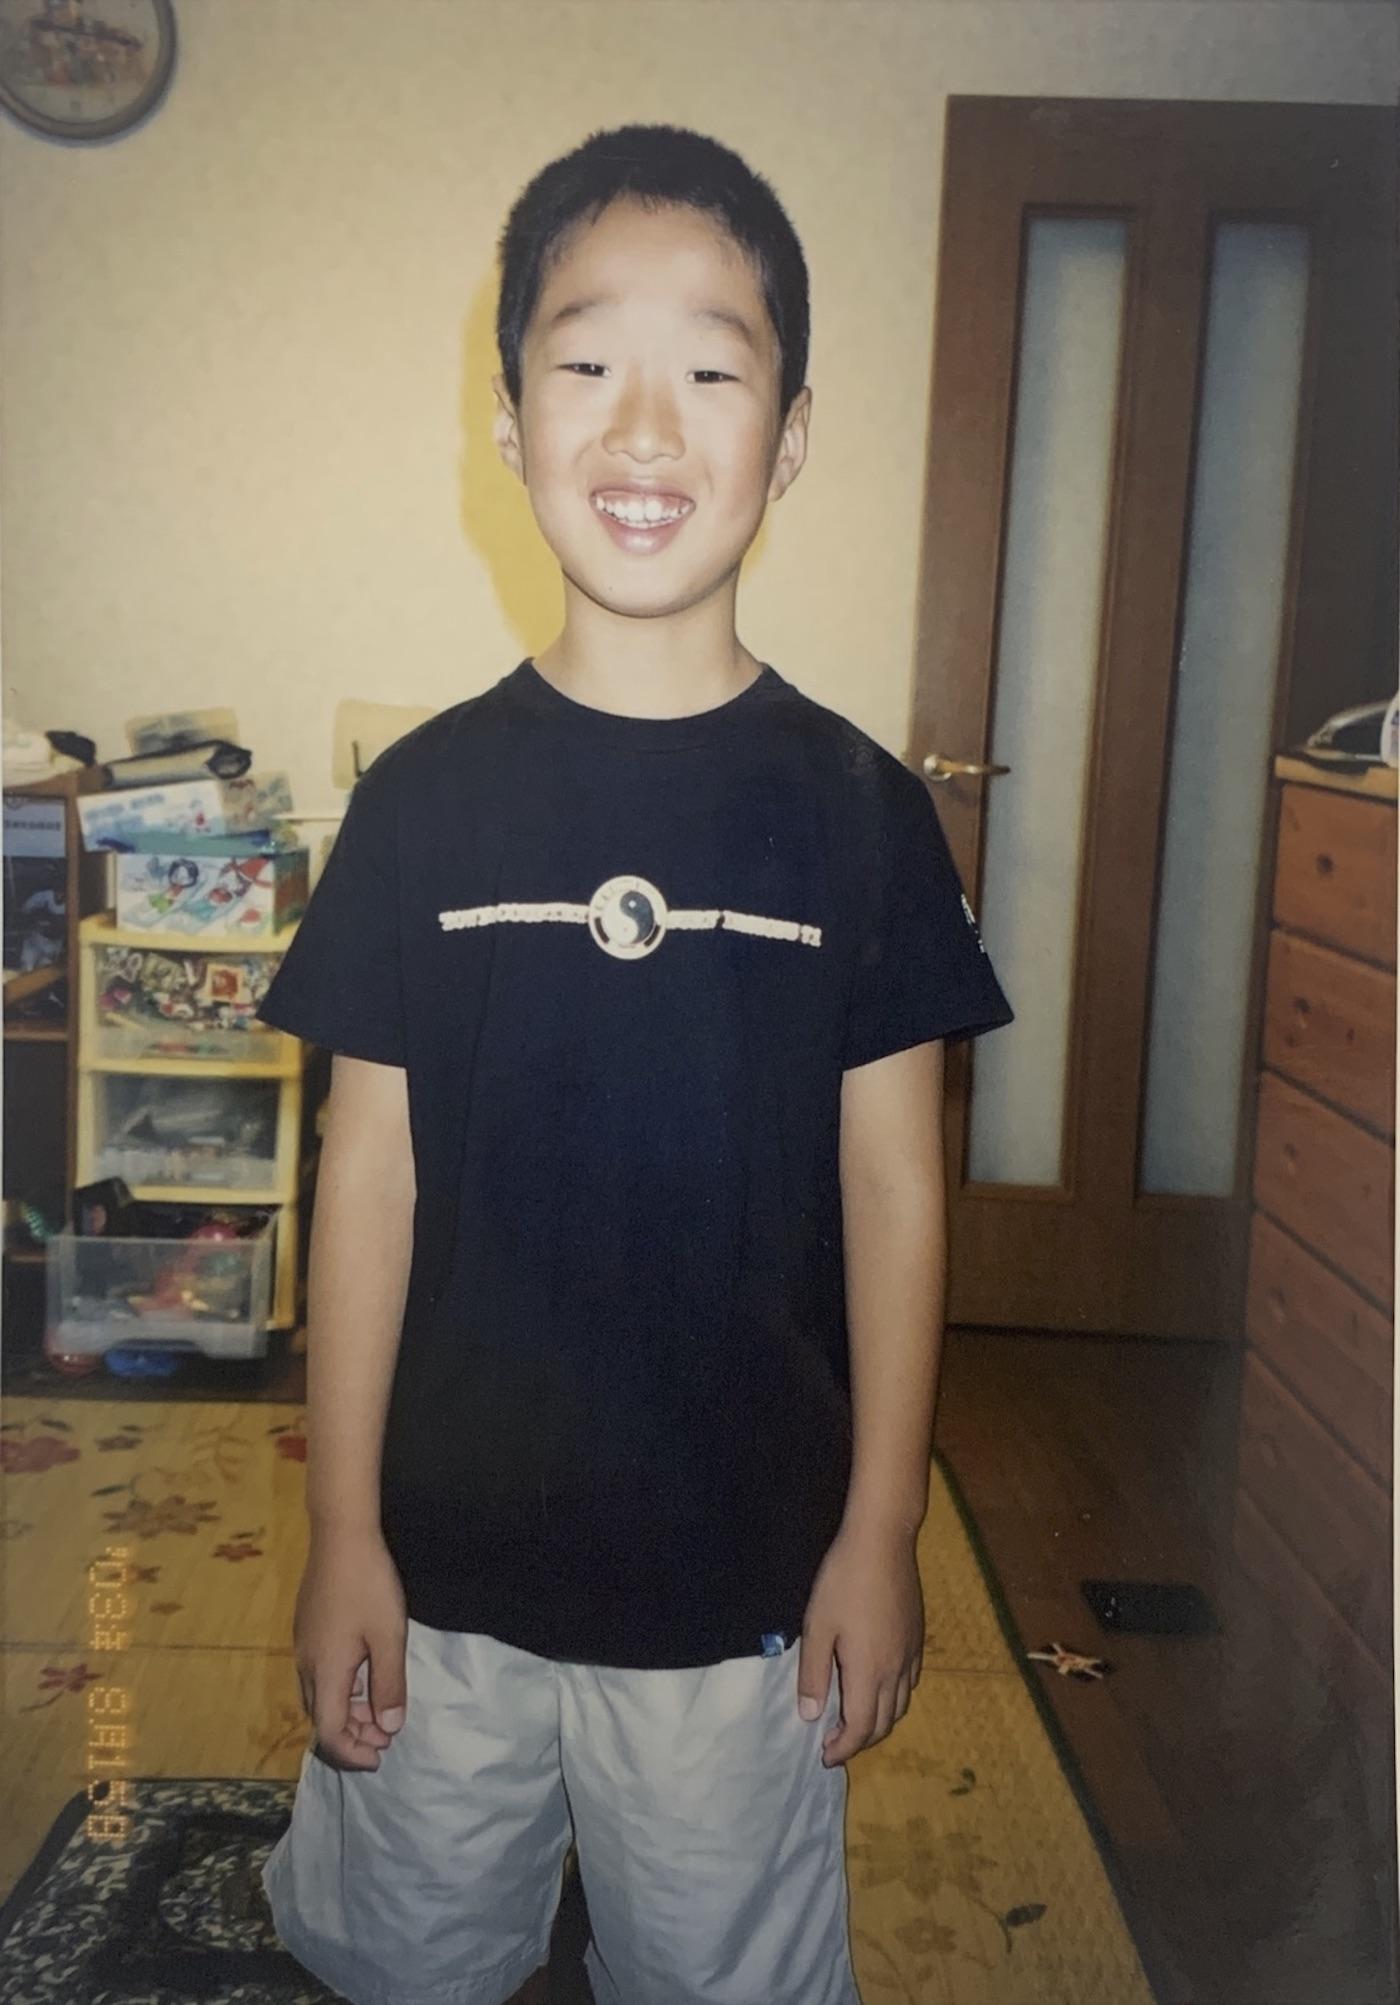 自宅での写真、当時9歳の新井光樹さん